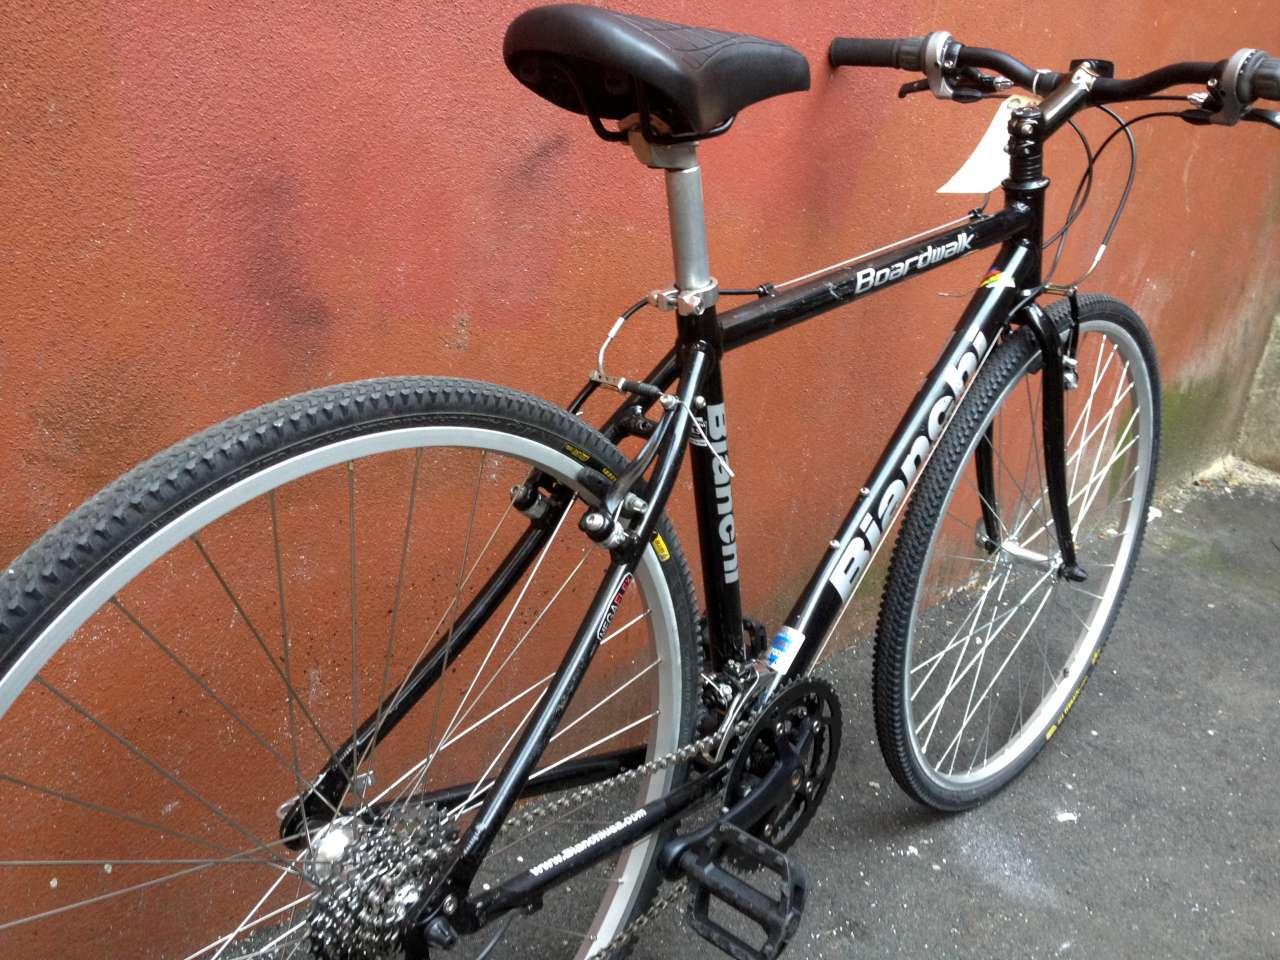 Bike Boom Refurbished Bikes Bianchi Boardwalk Hybrid